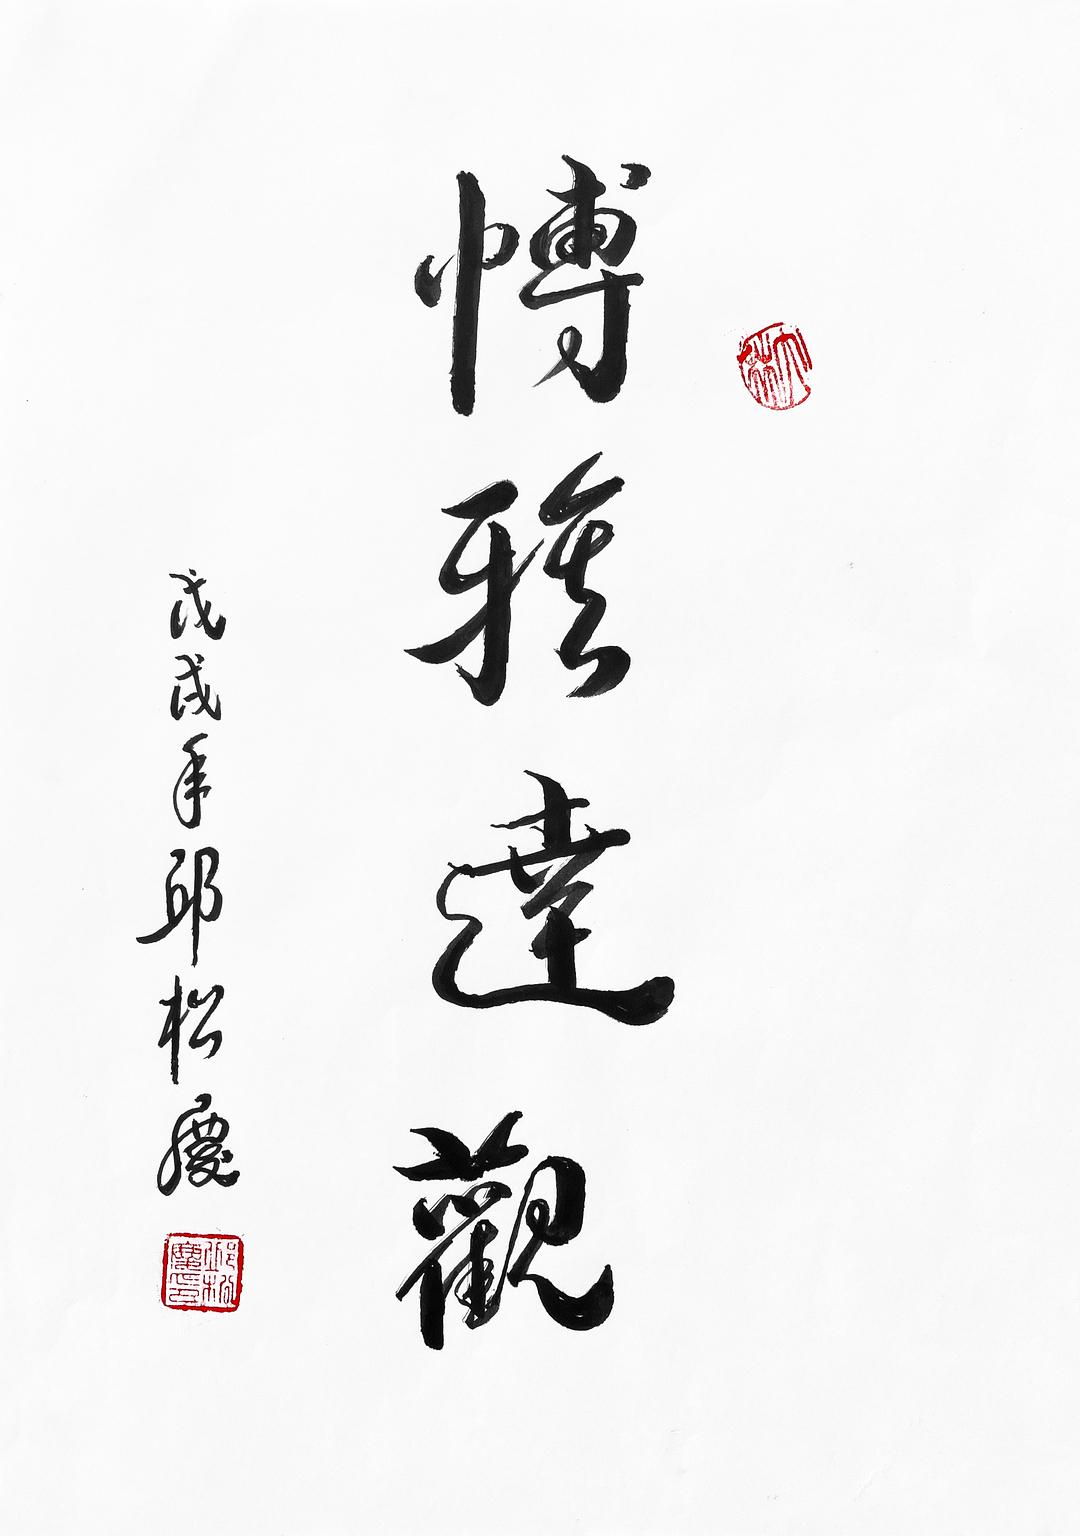 《博雅达观》29.7x21cm 行书 纸本墨笔 2018年